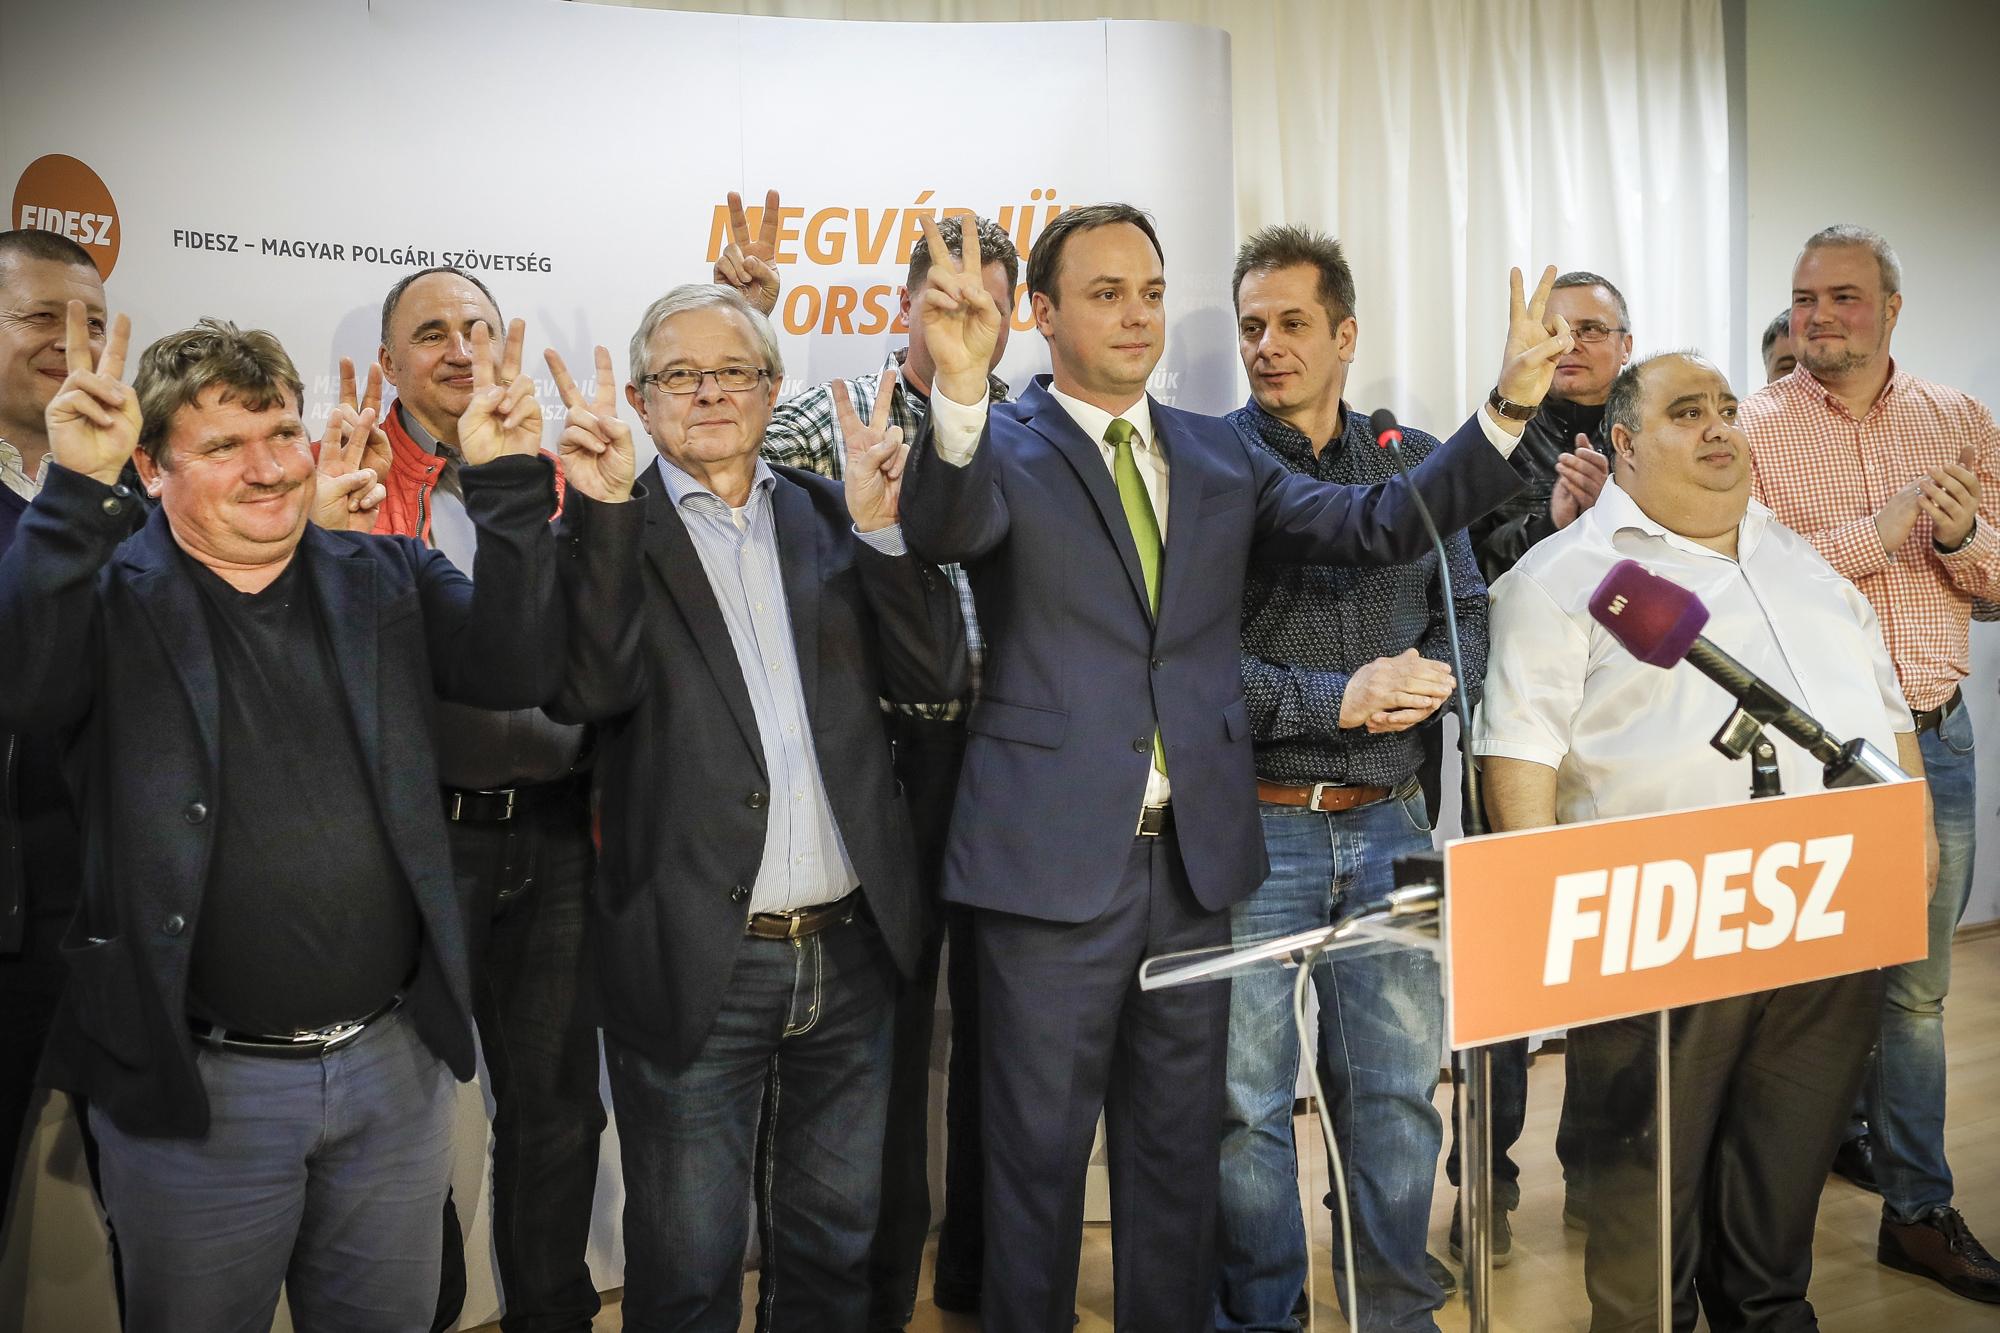 Egri fideszesek EU-s pénzen vettek maguknak lakásokat és irodákat